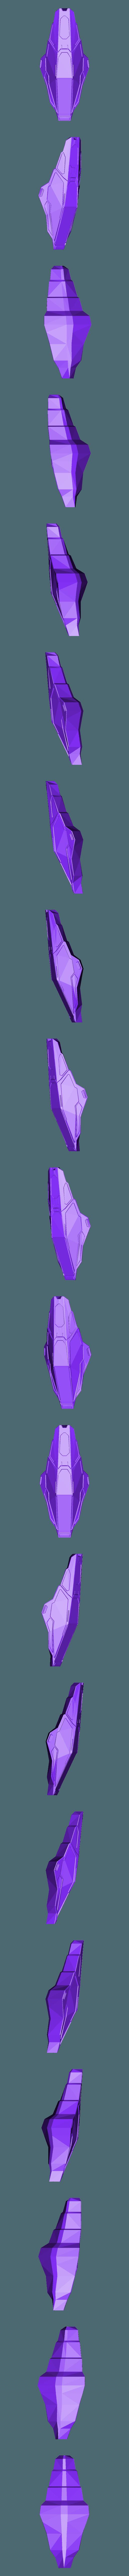 Eagle_Cockpit.stl Download free STL file Eagle Multi Colour/Material (Elite Dangerous) • 3D print object, Kahnindustries